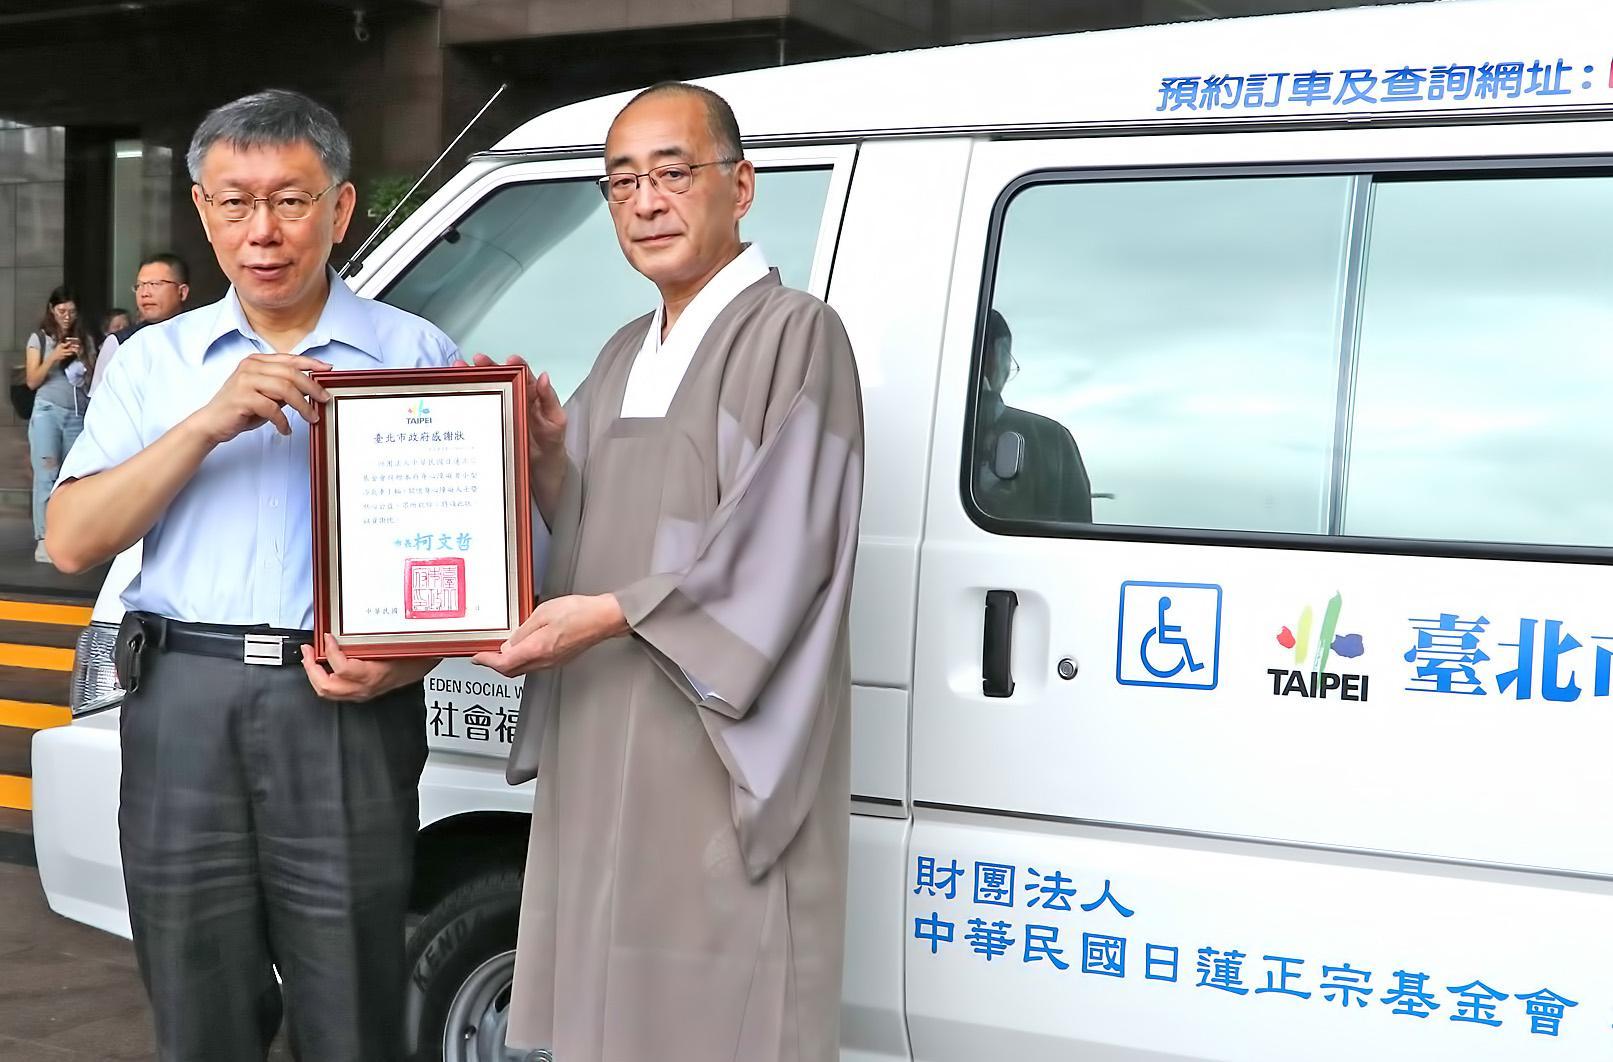 柯市長代表台北市政府致贈感謝狀